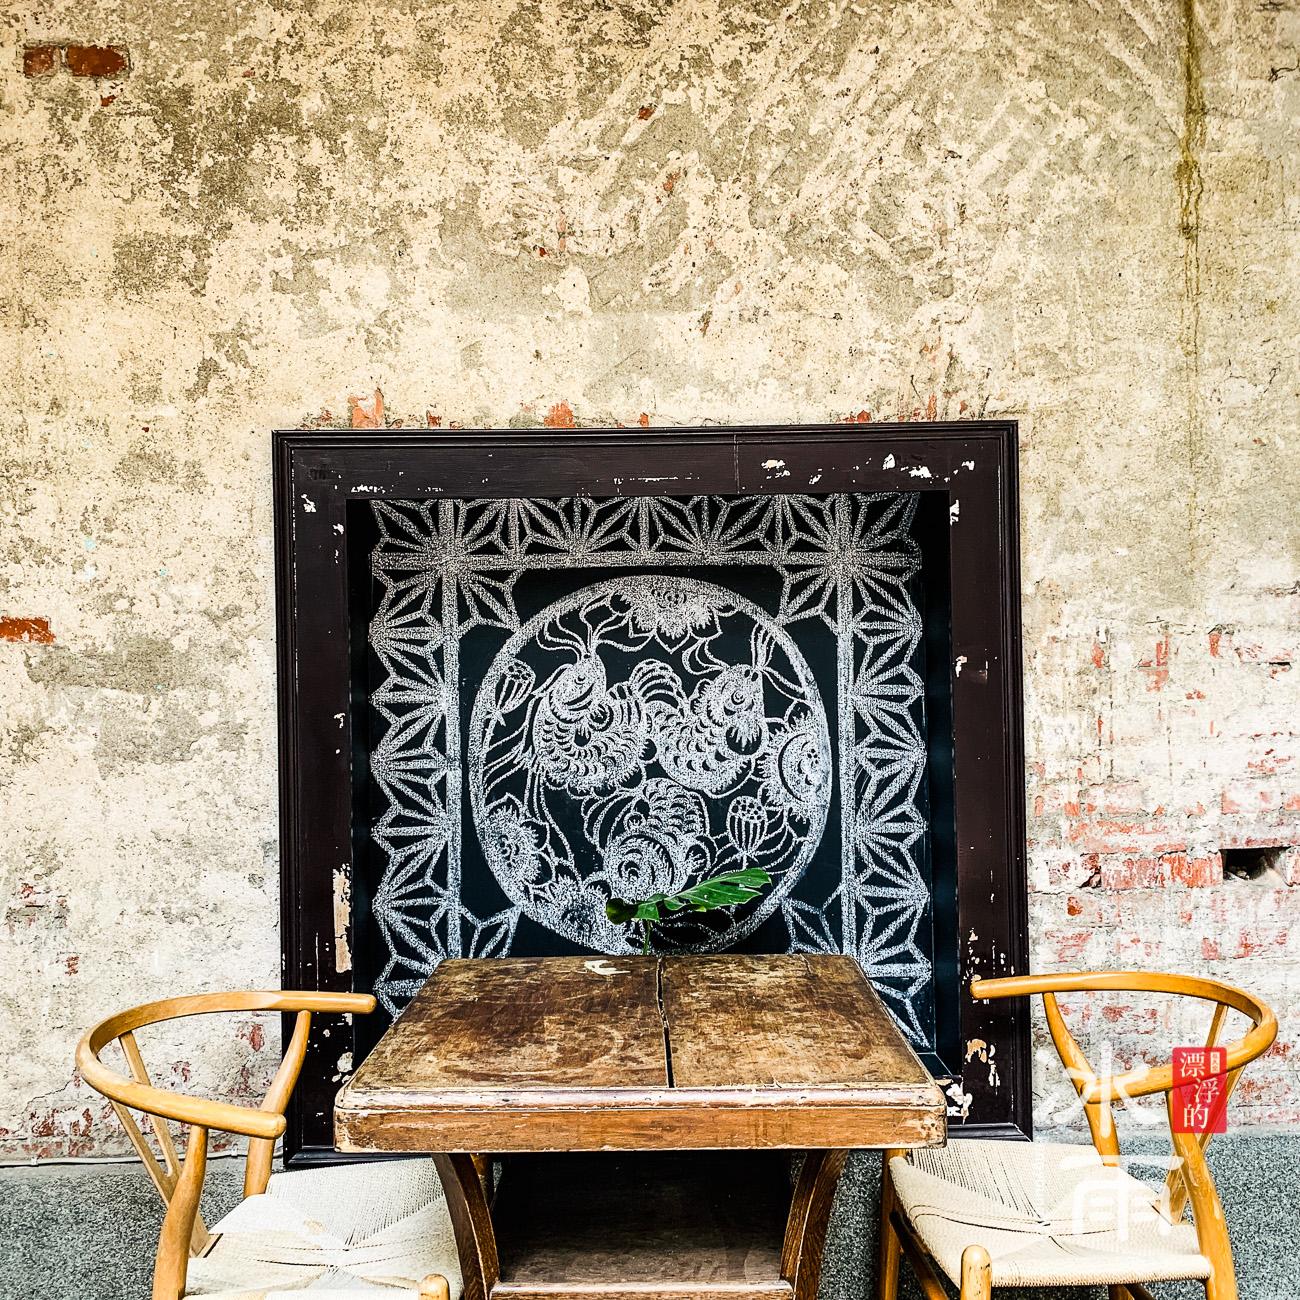 牆壁上也有一番風情,這座位好適合兩個人一起來講悄悄話